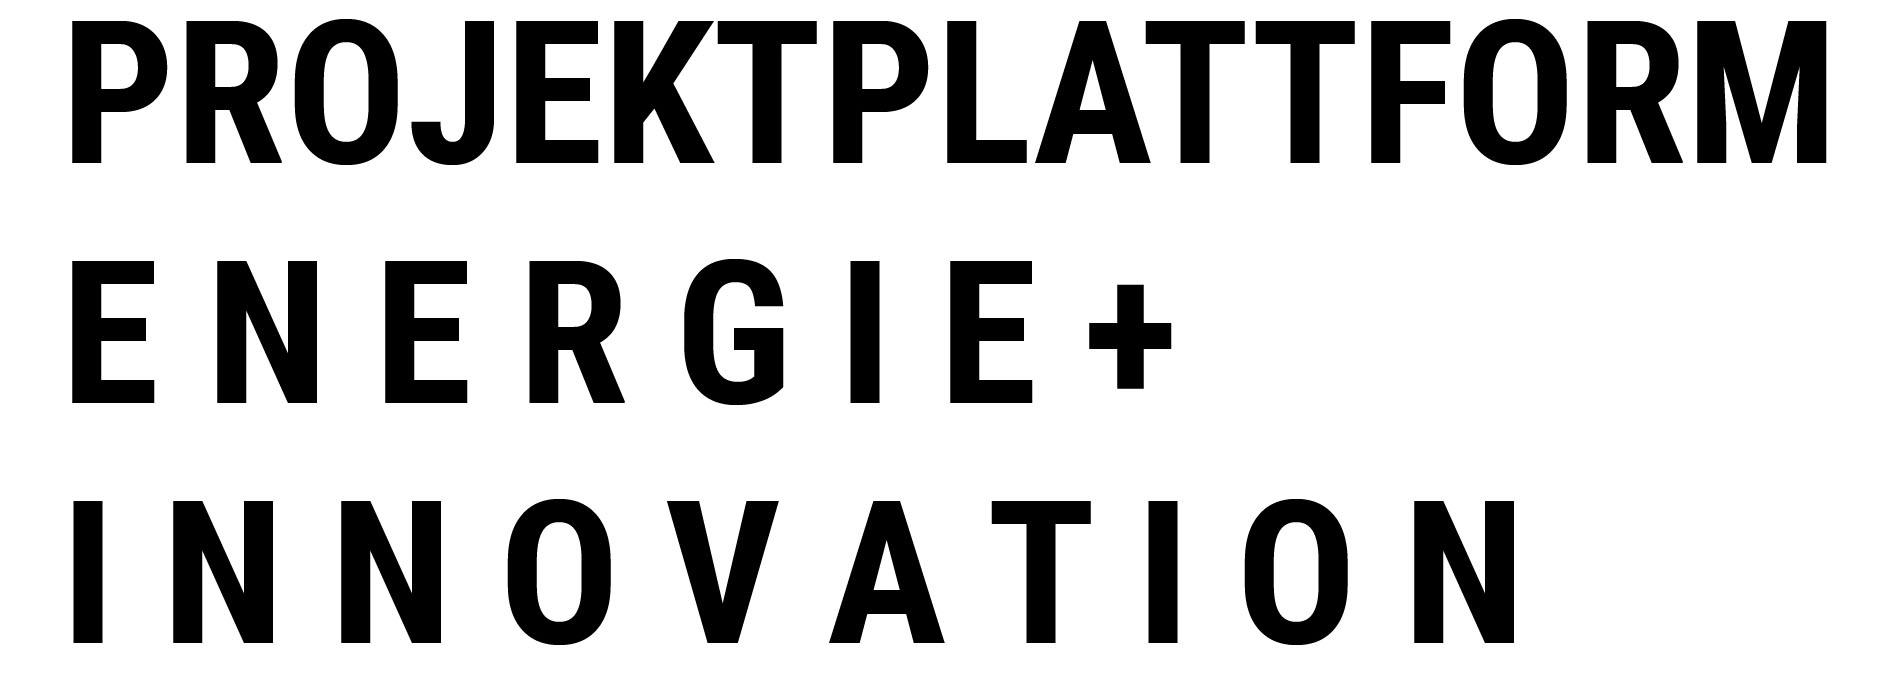 Projektplattform Energie + Innovation